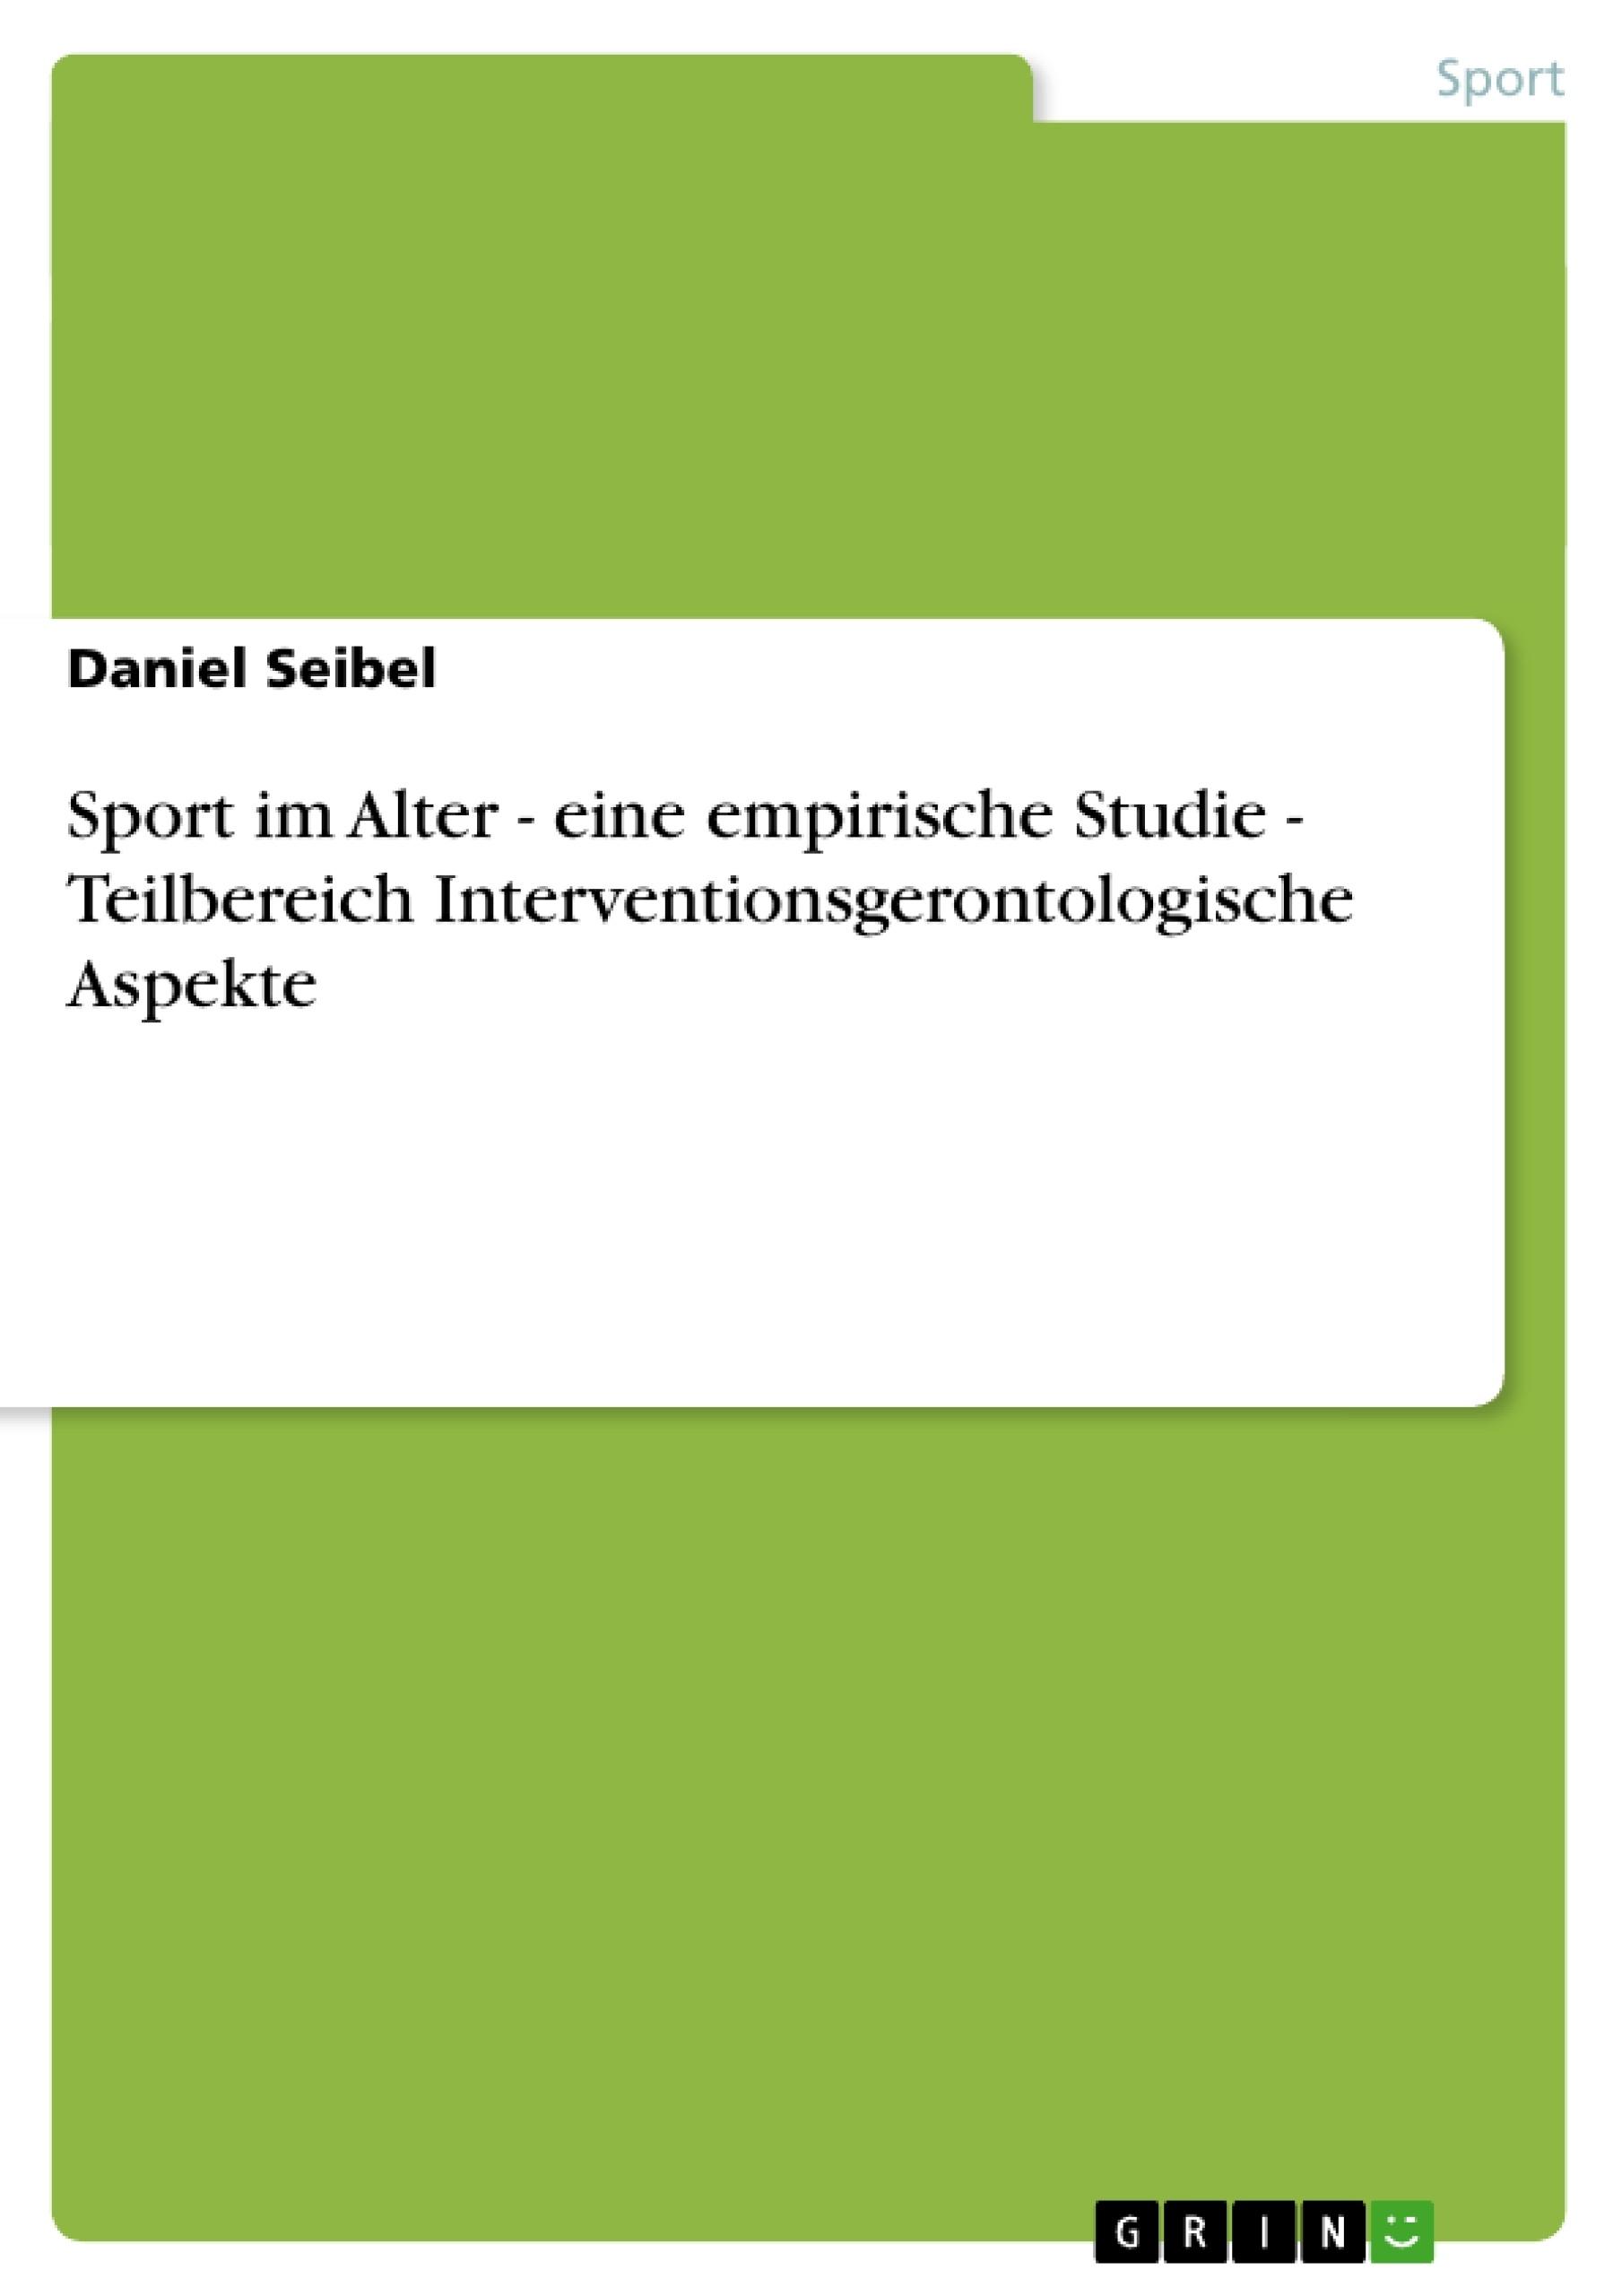 Titel: Sport im Alter - eine empirische Studie - Teilbereich Interventionsgerontologische Aspekte